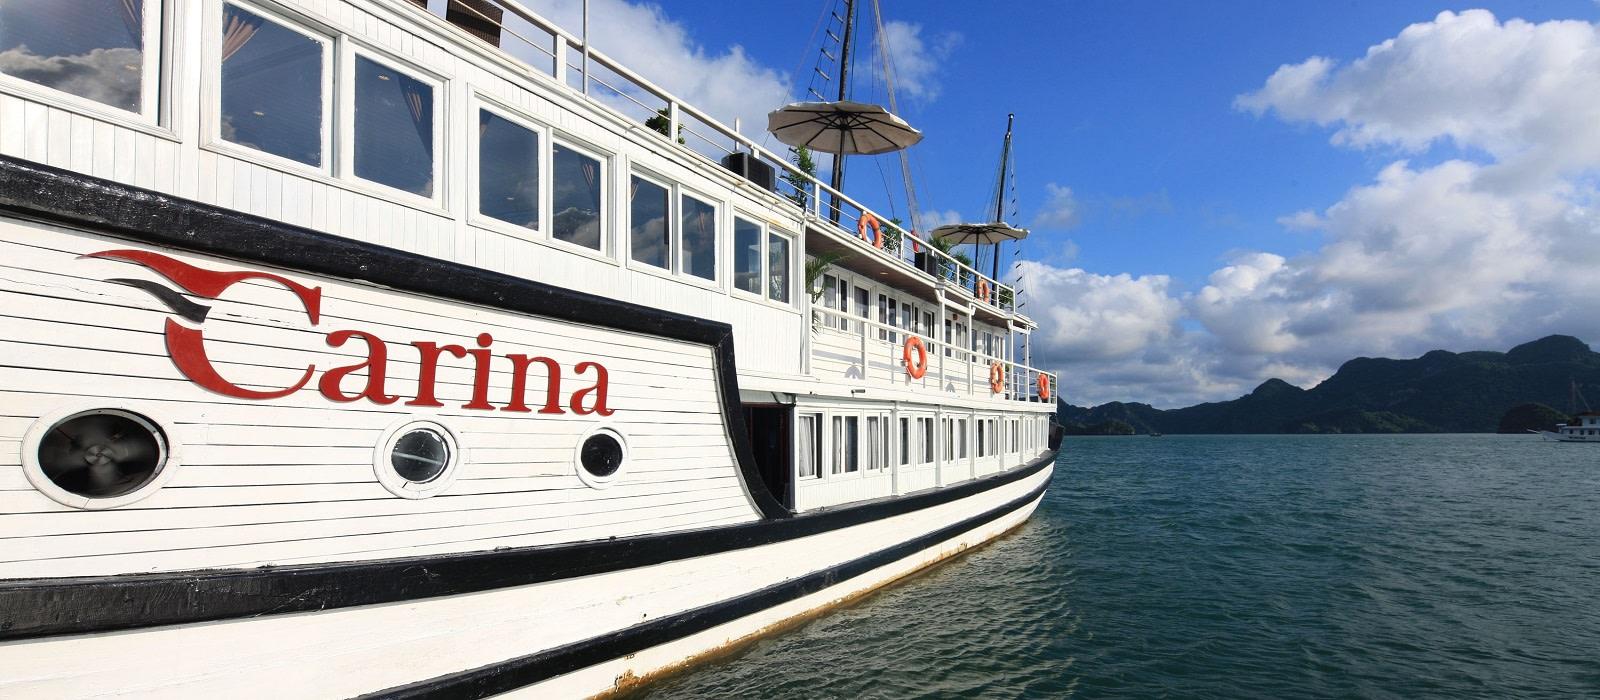 Hotel Carina CruiseCarina Cruise Halong Bay Vietnam